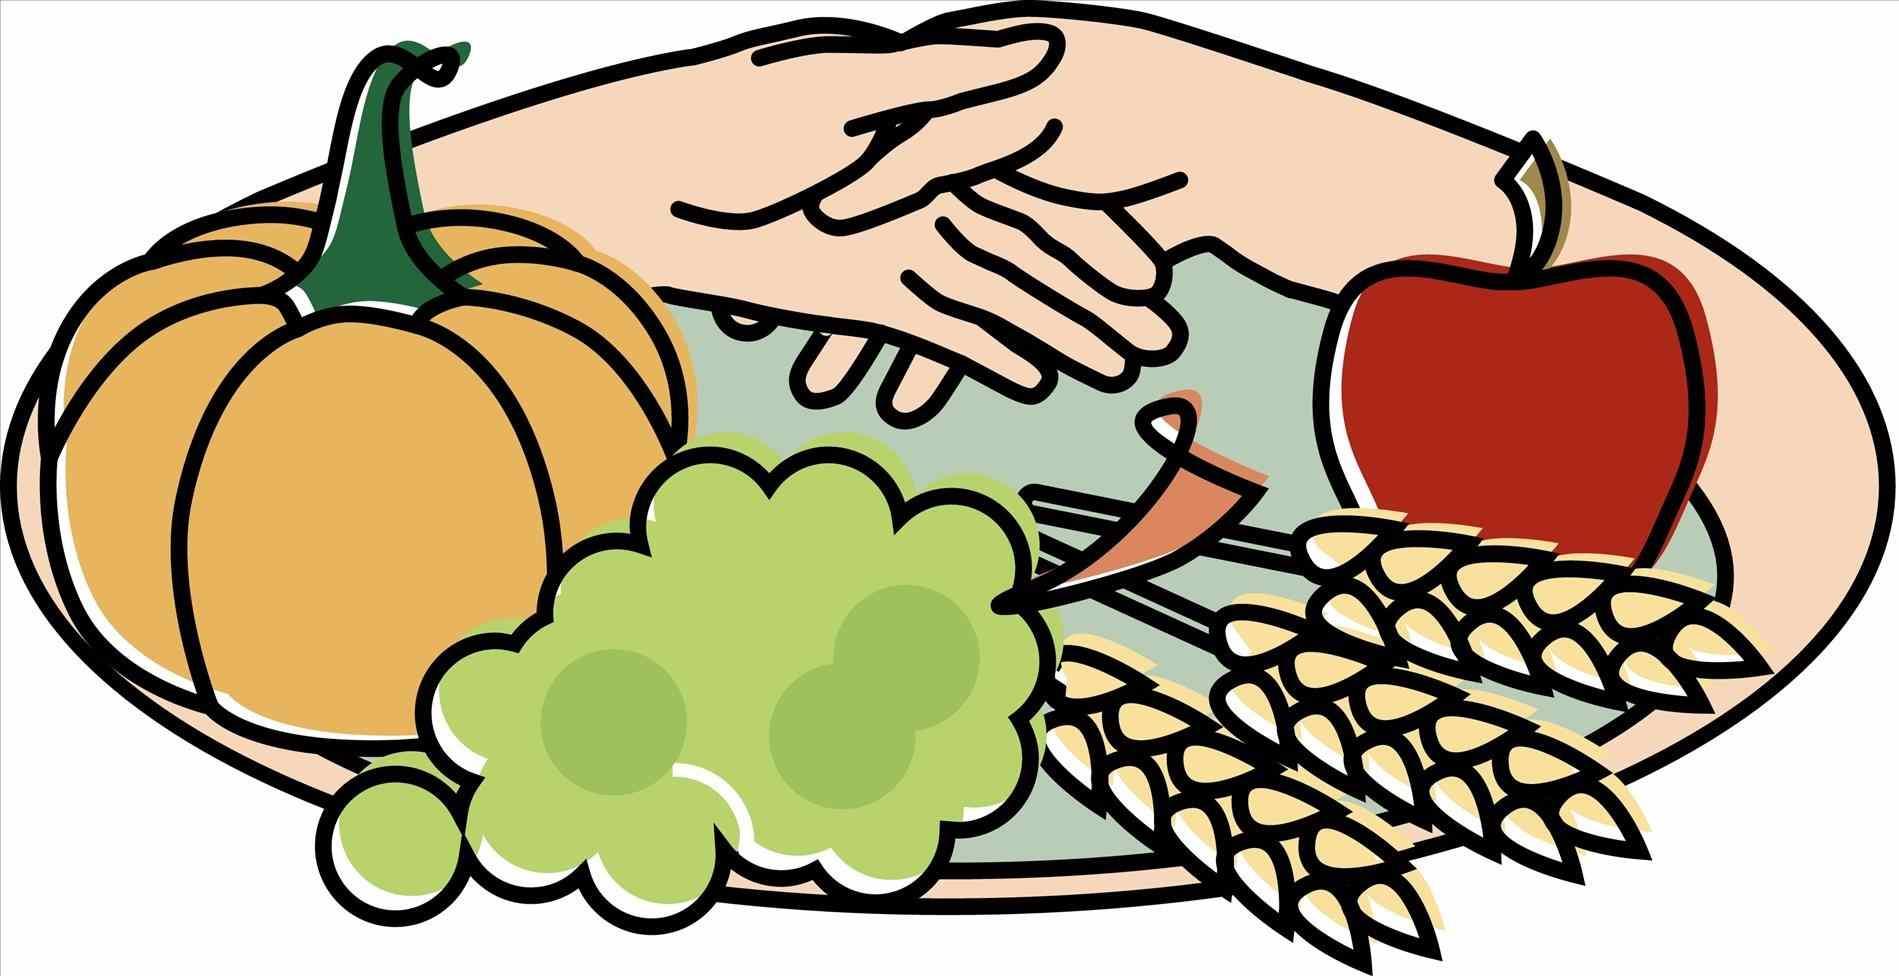 1899x976 Family Thanksgiving Dinner Clipart